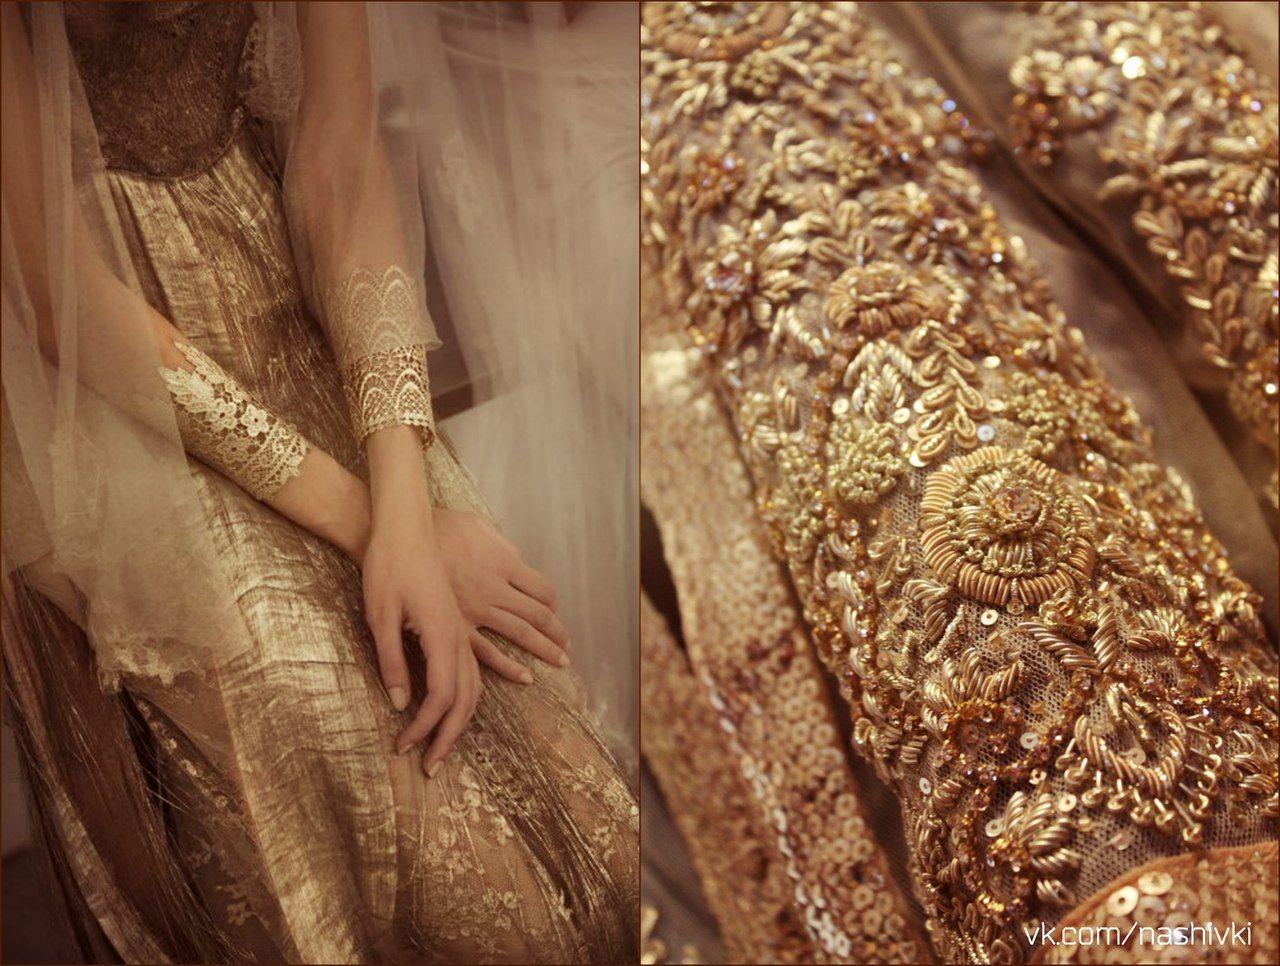 """""""Глупец суетится вовсю, затеяв пустяк, — умный сохраняет спокойствие, берясь за великое дело"""" Индийская пословица #вышивка #вышивание #рукоделие #цитаты #подборки #красота #мода #женщина #коричневый  #платье #пайетки #стразы #музыка #спокойствие #индия #характер"""